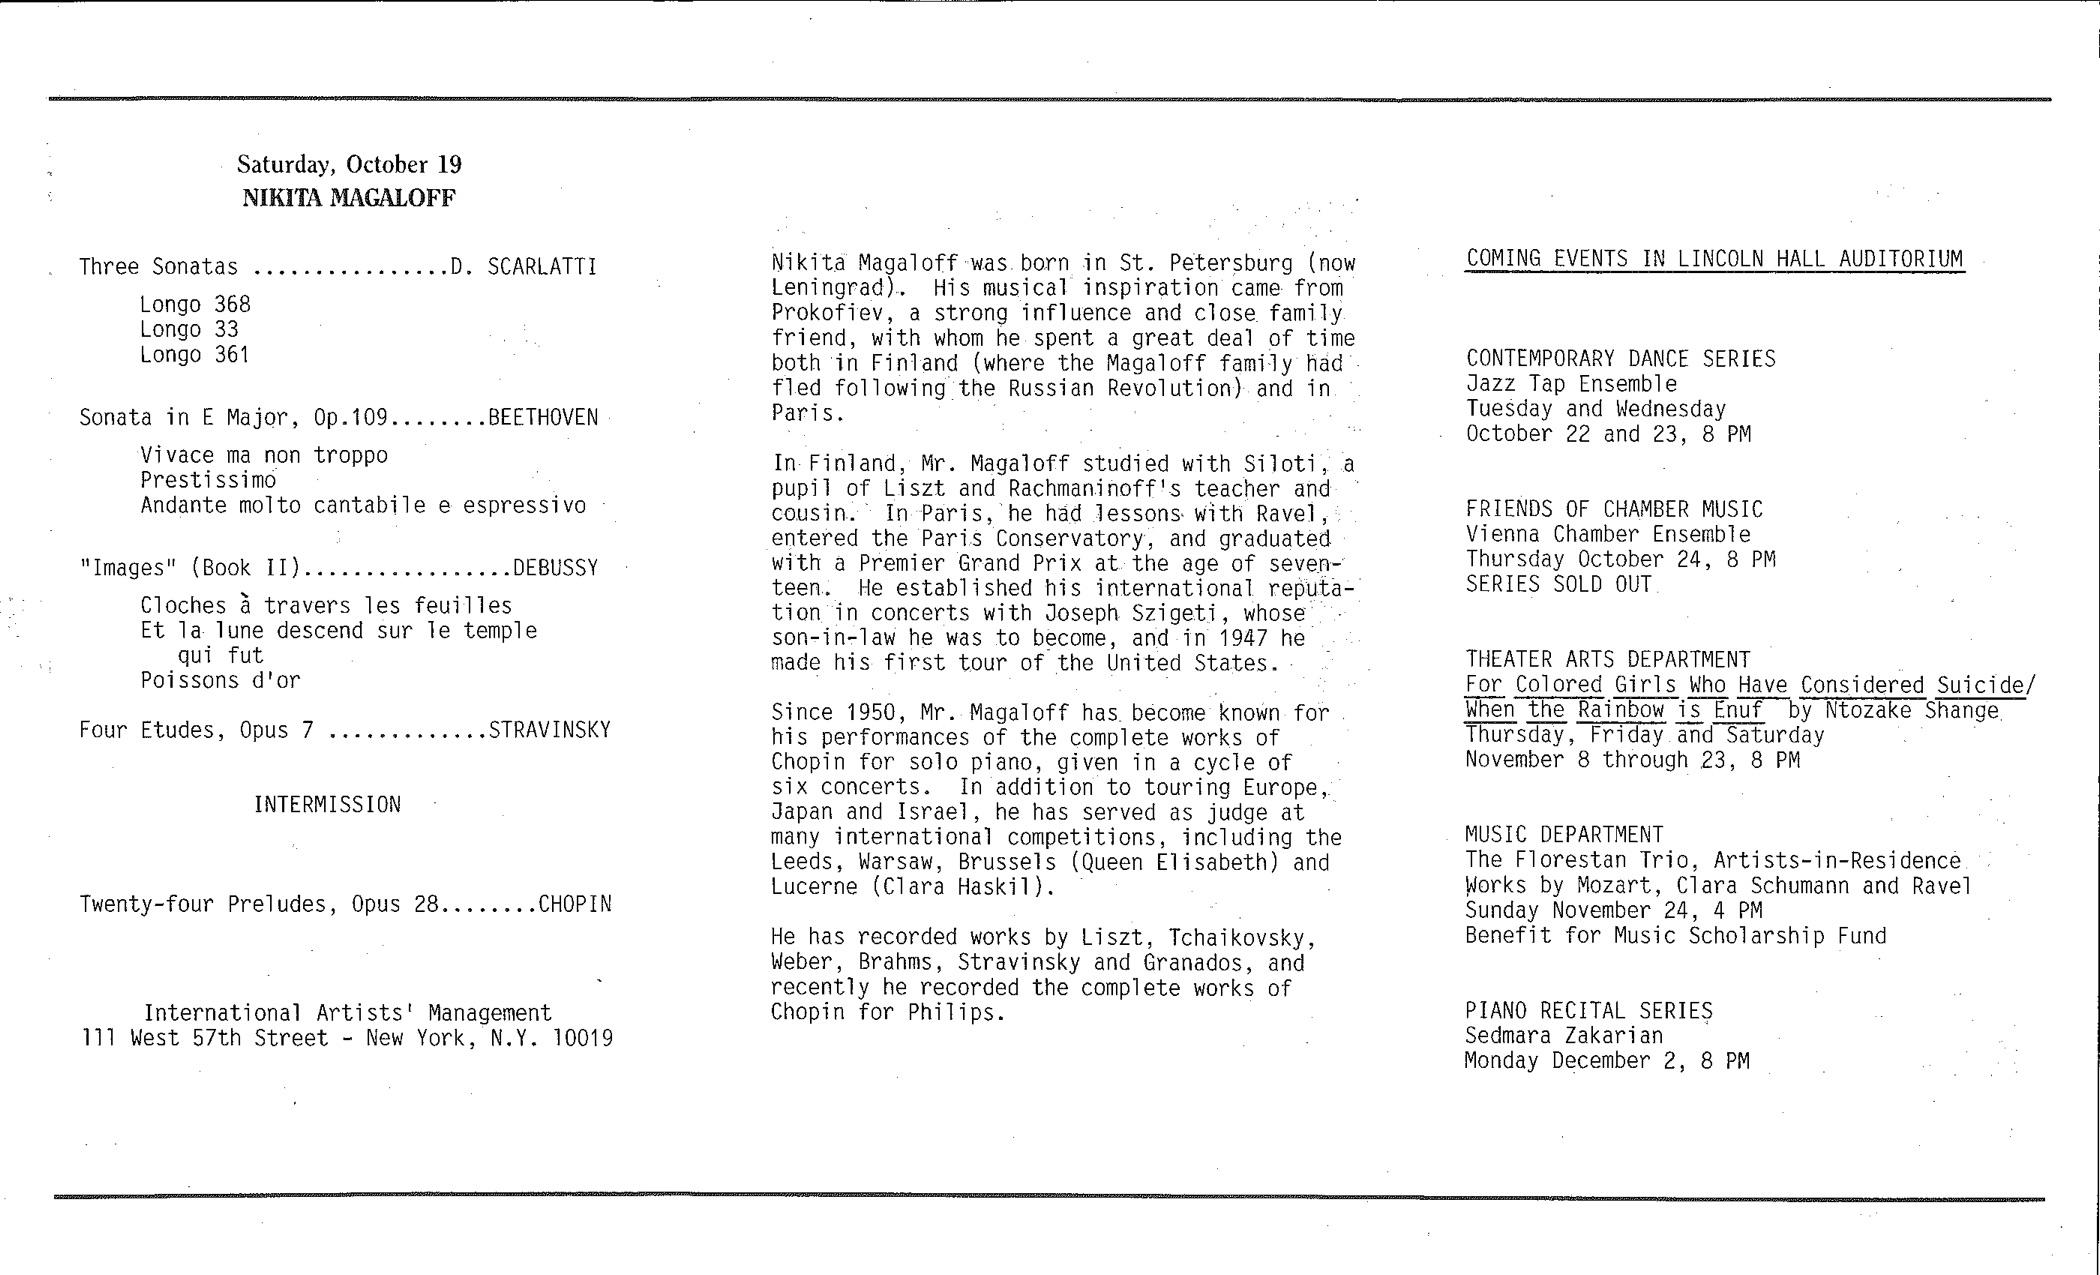 Magaloff85-86_Program1.jpg